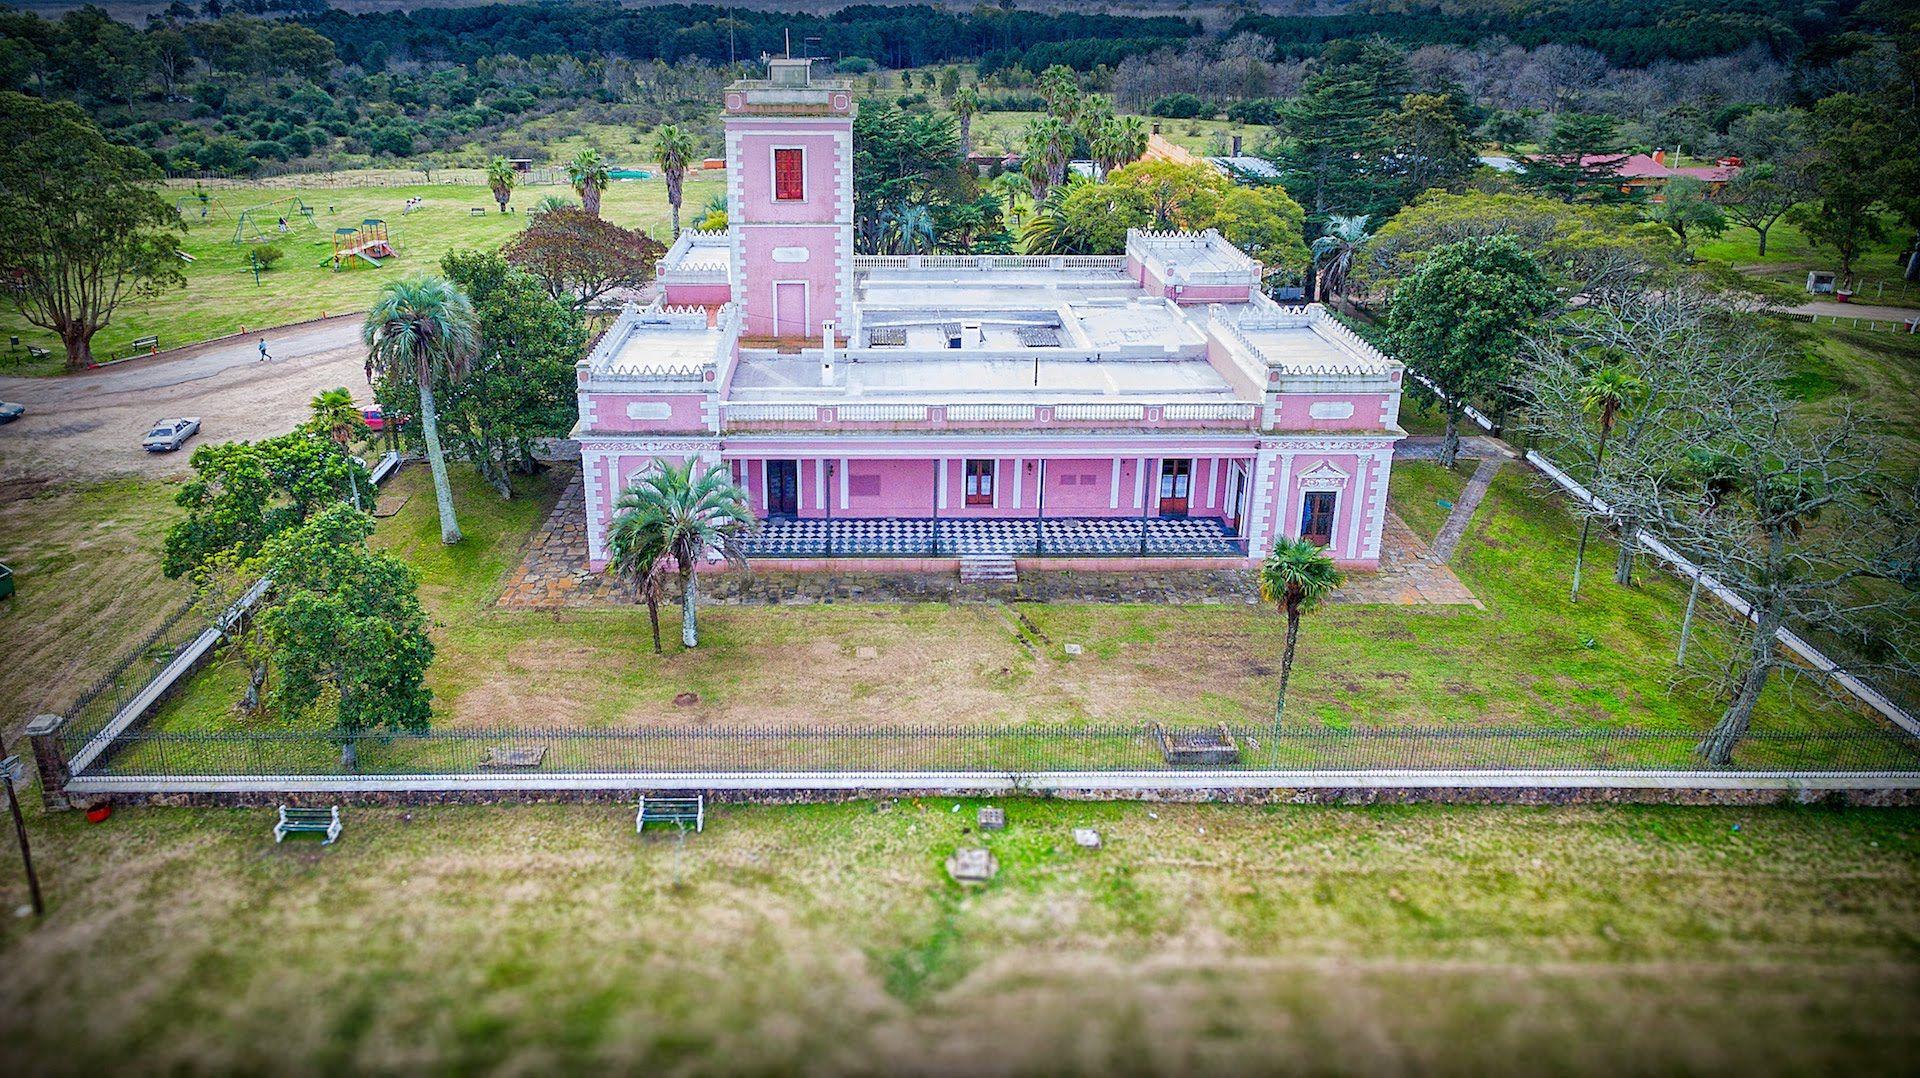 Mansion Máximo Tajes - Los Cerrillos - Uruguay 2016